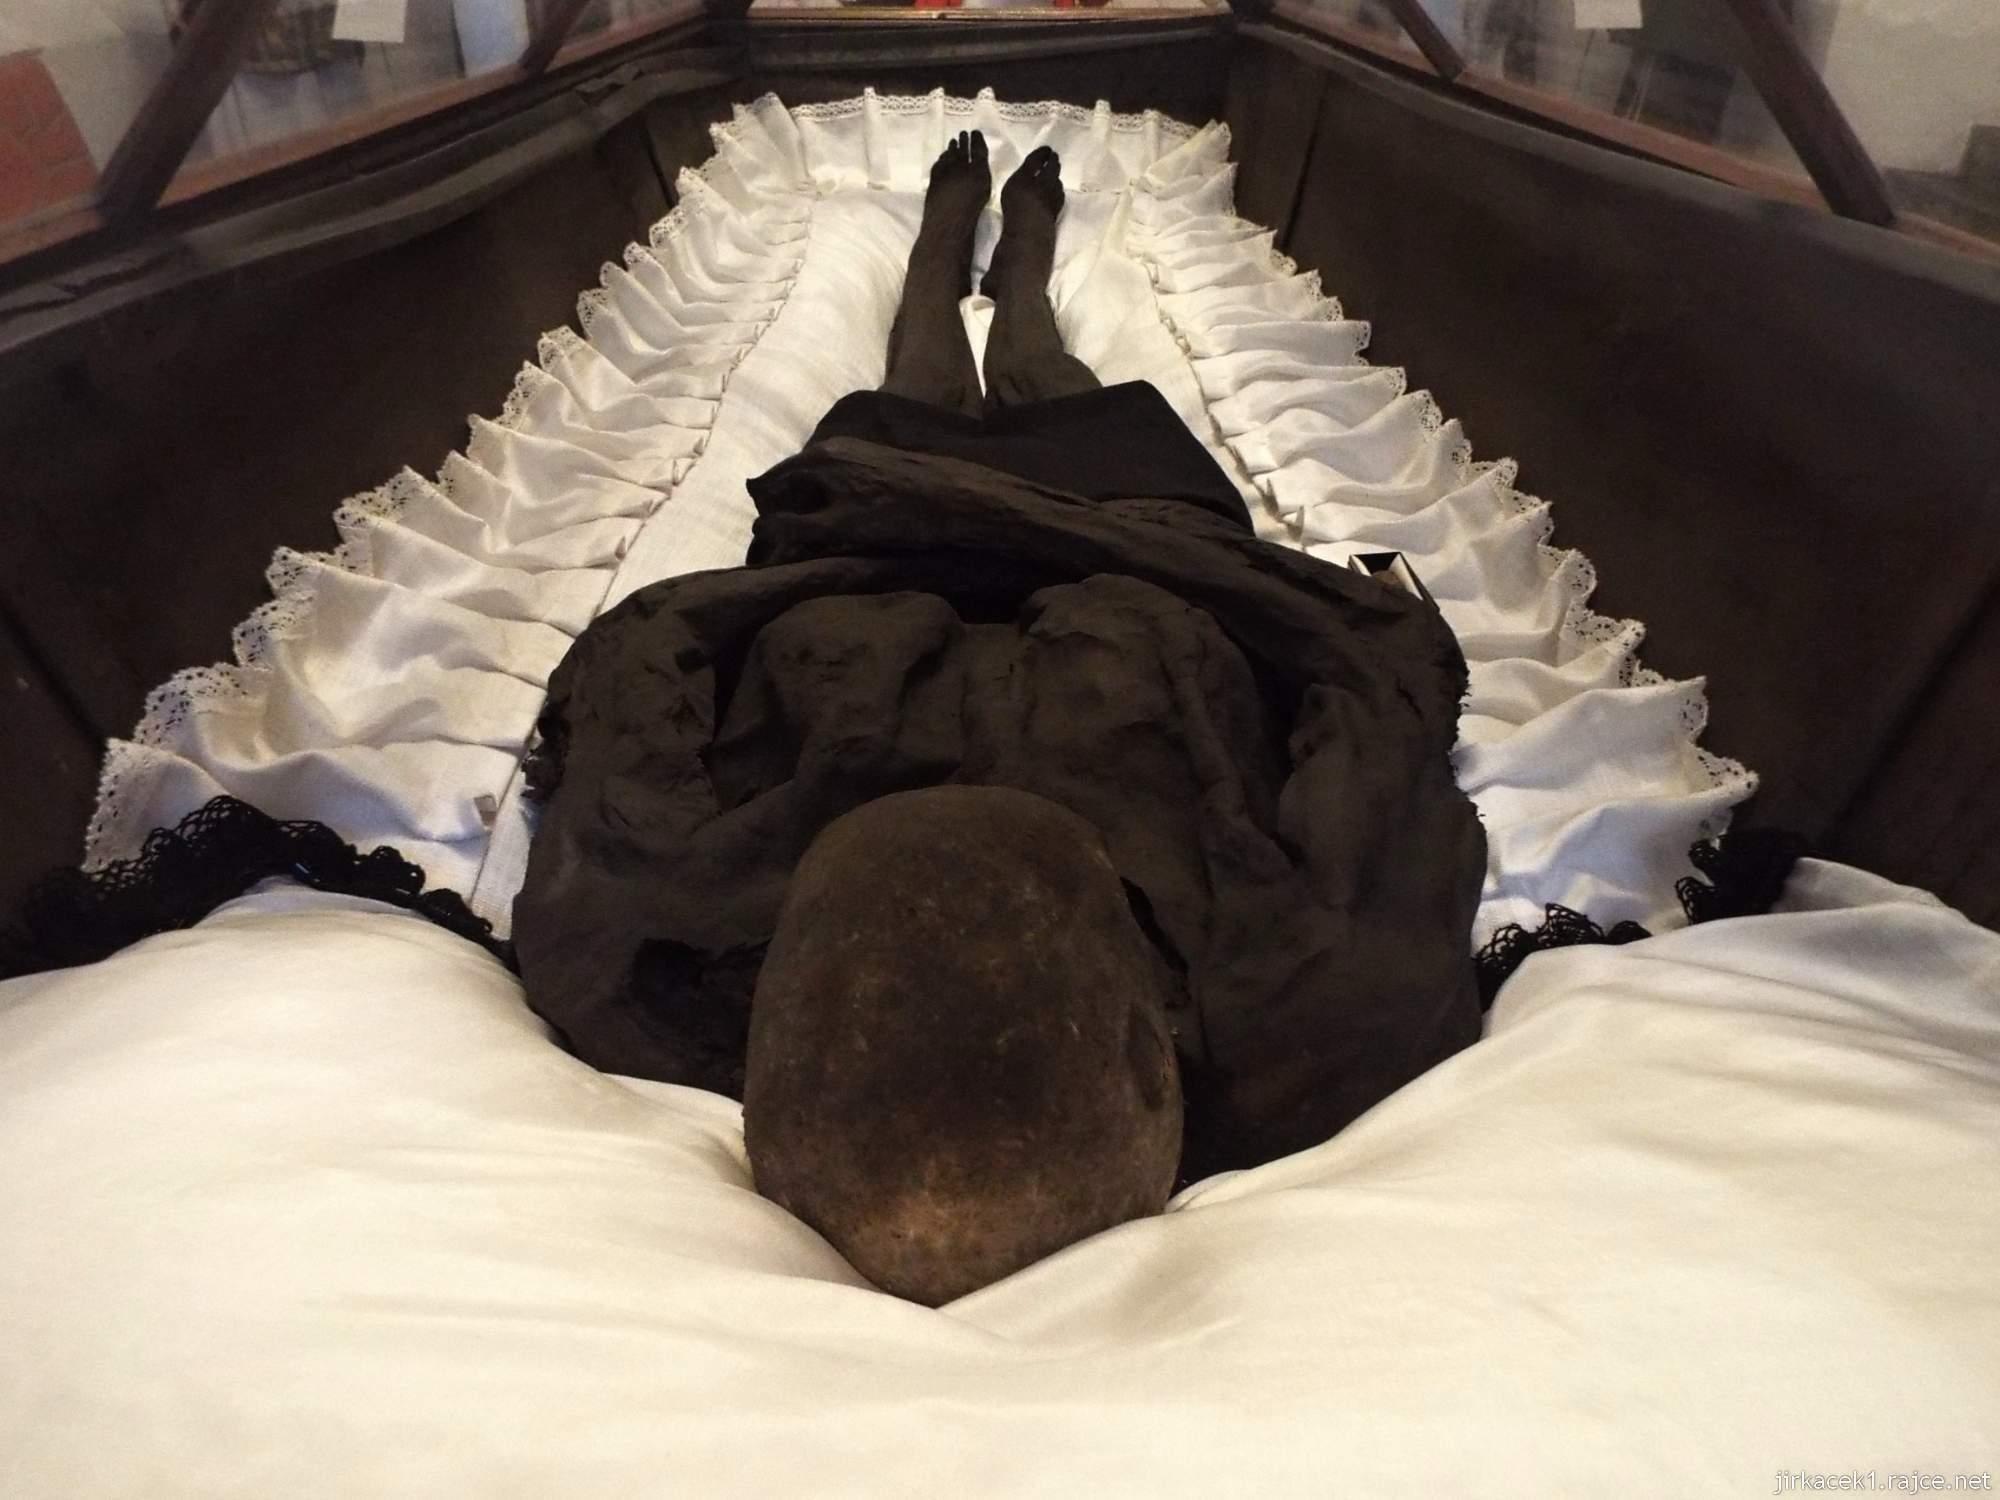 Brno - Kostel Nalezení sv. Kříže a kapucínská hrobka -  Baron Trenck v rakvi